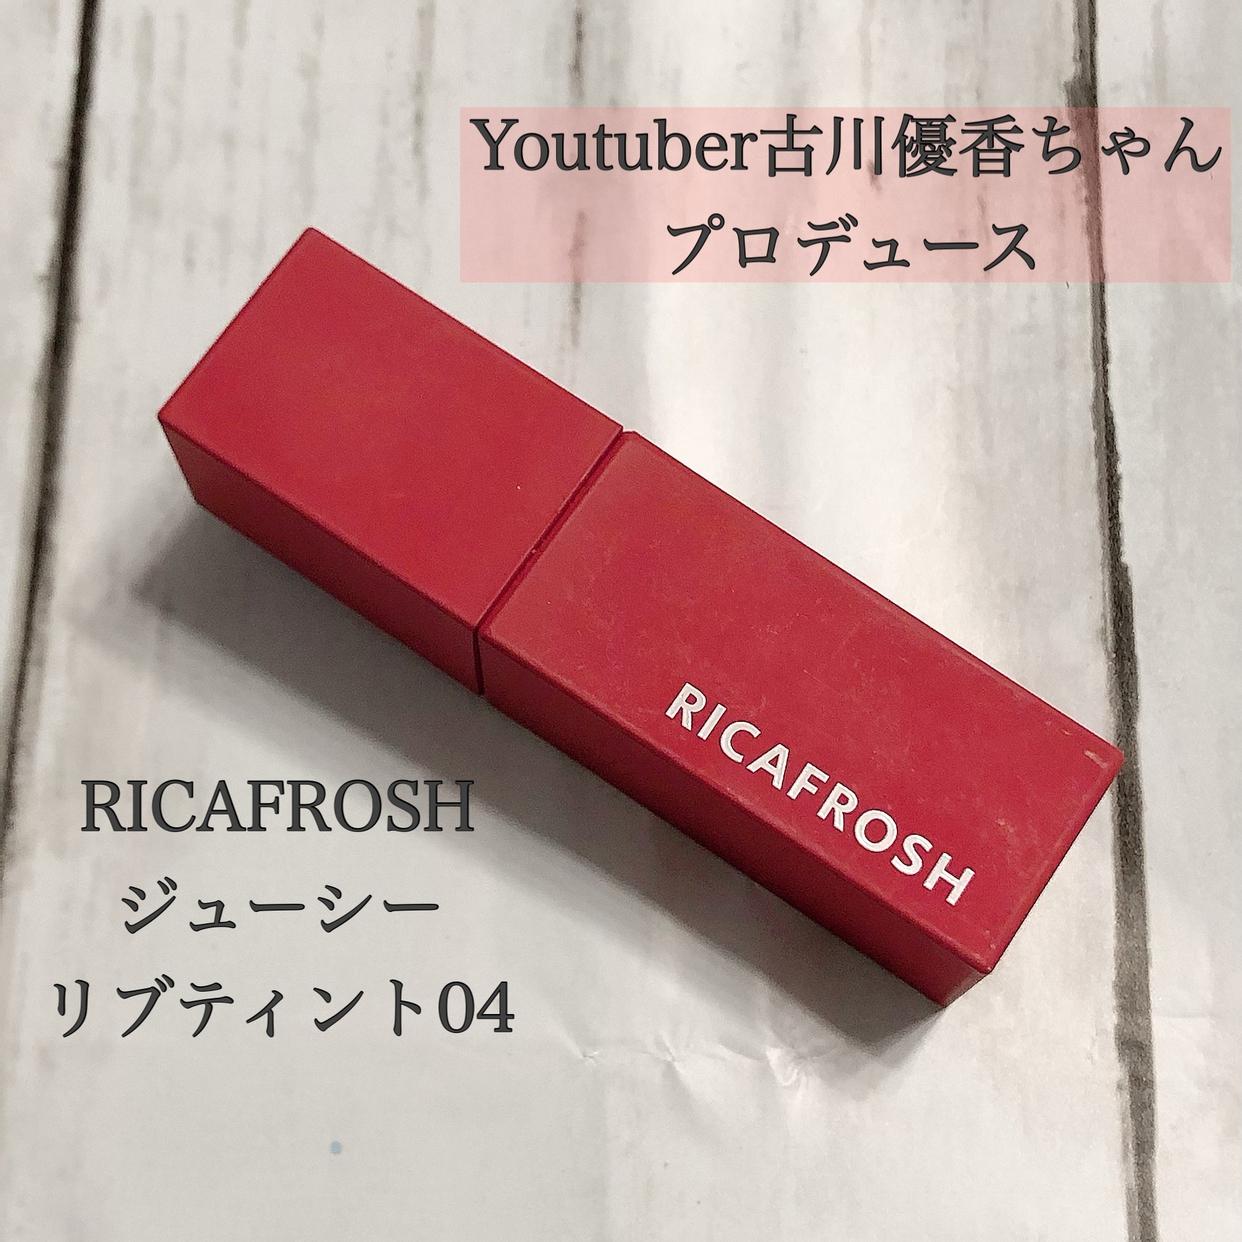 RICAFROSH(リカフロッシュ) ジューシーリブティントを使ったコスメラブさんのクチコミ画像2